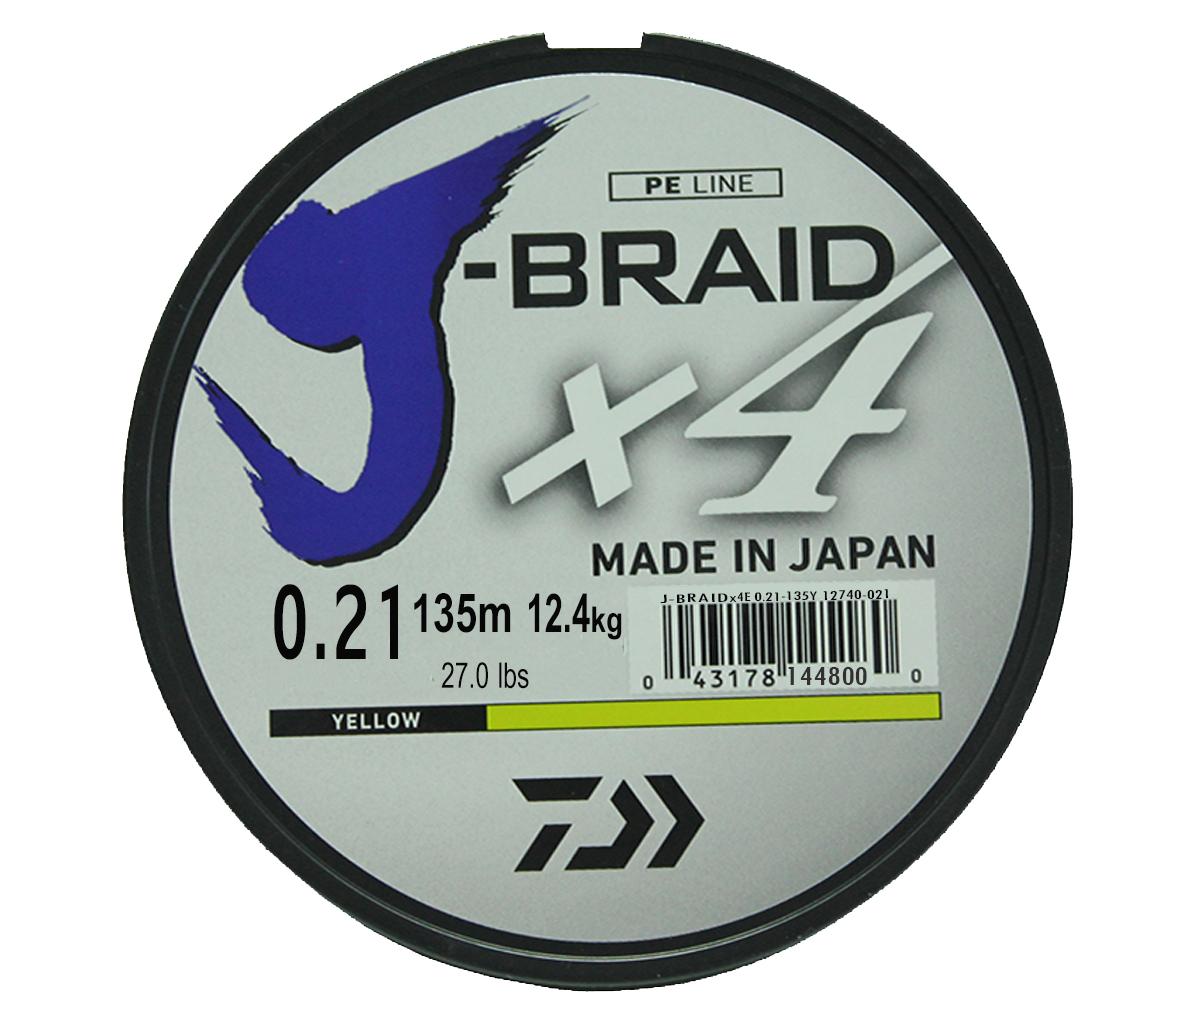 Шнур плетеный Daiwa J-Braid X4, цвет: флуоресцентный желтый, 135 м, 0,21 мм61141Новый 4х жильный шнур J-Braid, DAIWA - шнур высокого класса с удивительным соотношением цены и качества. Качество плетения полностьюсоответствует японским стандартам и удовлетворяет всем требованиям. Представленные диаметры позволяют использовать шнур для всех техникловли, начиная от ultra- light ловли окуня, до морской ловли палтуса, трески и т.д